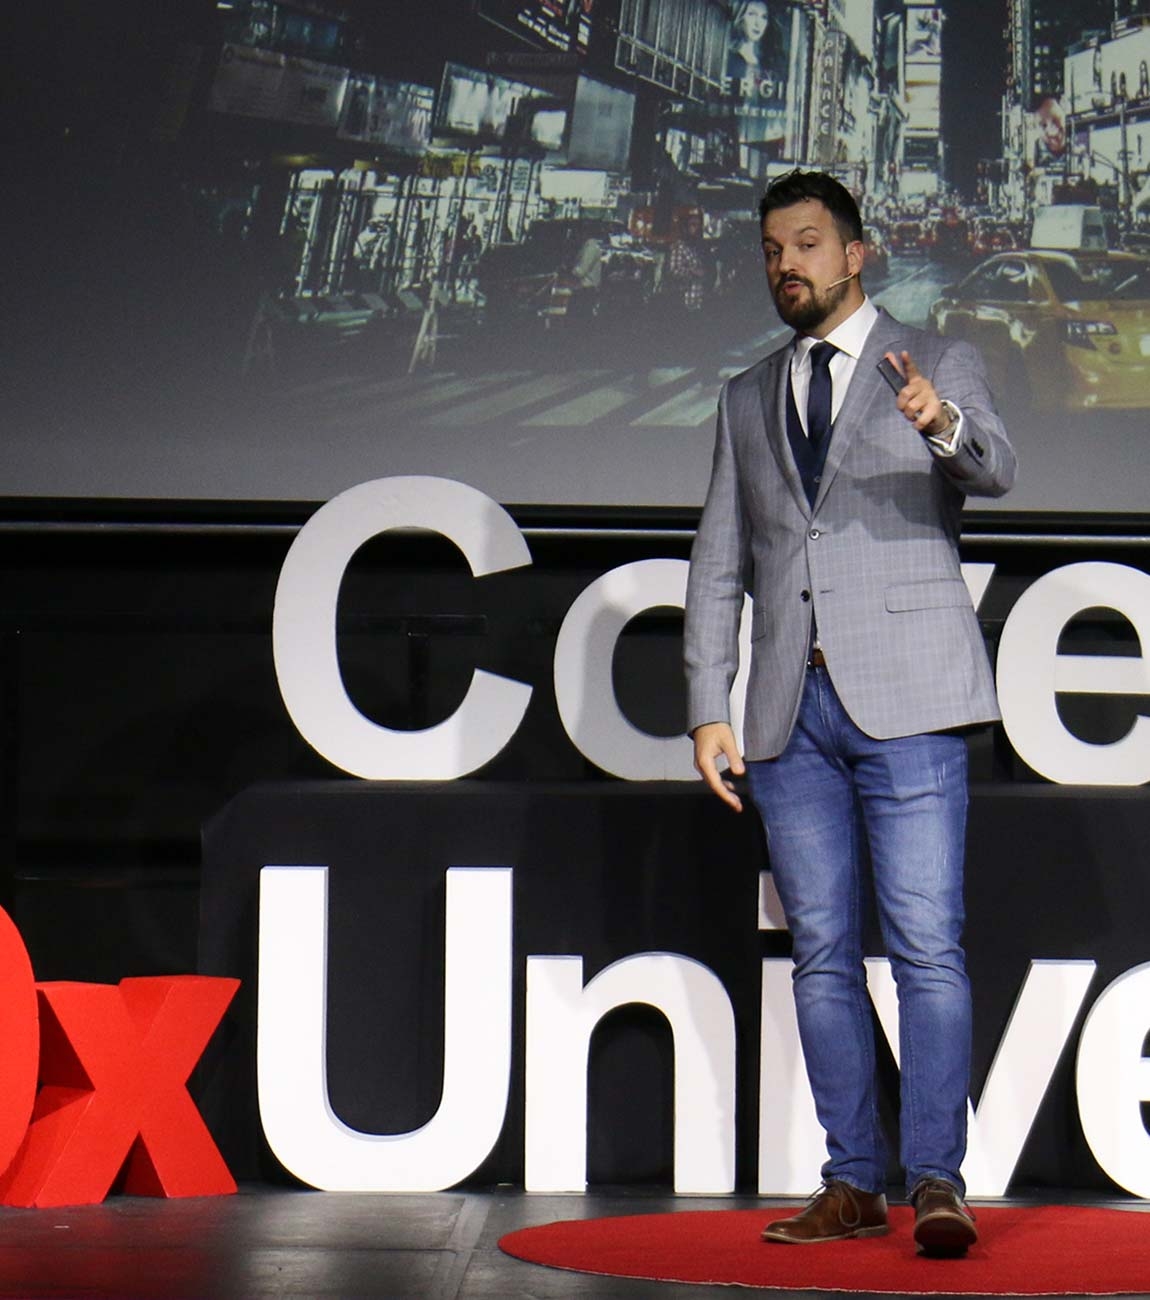 Mark Asquith - TEDx Speaker